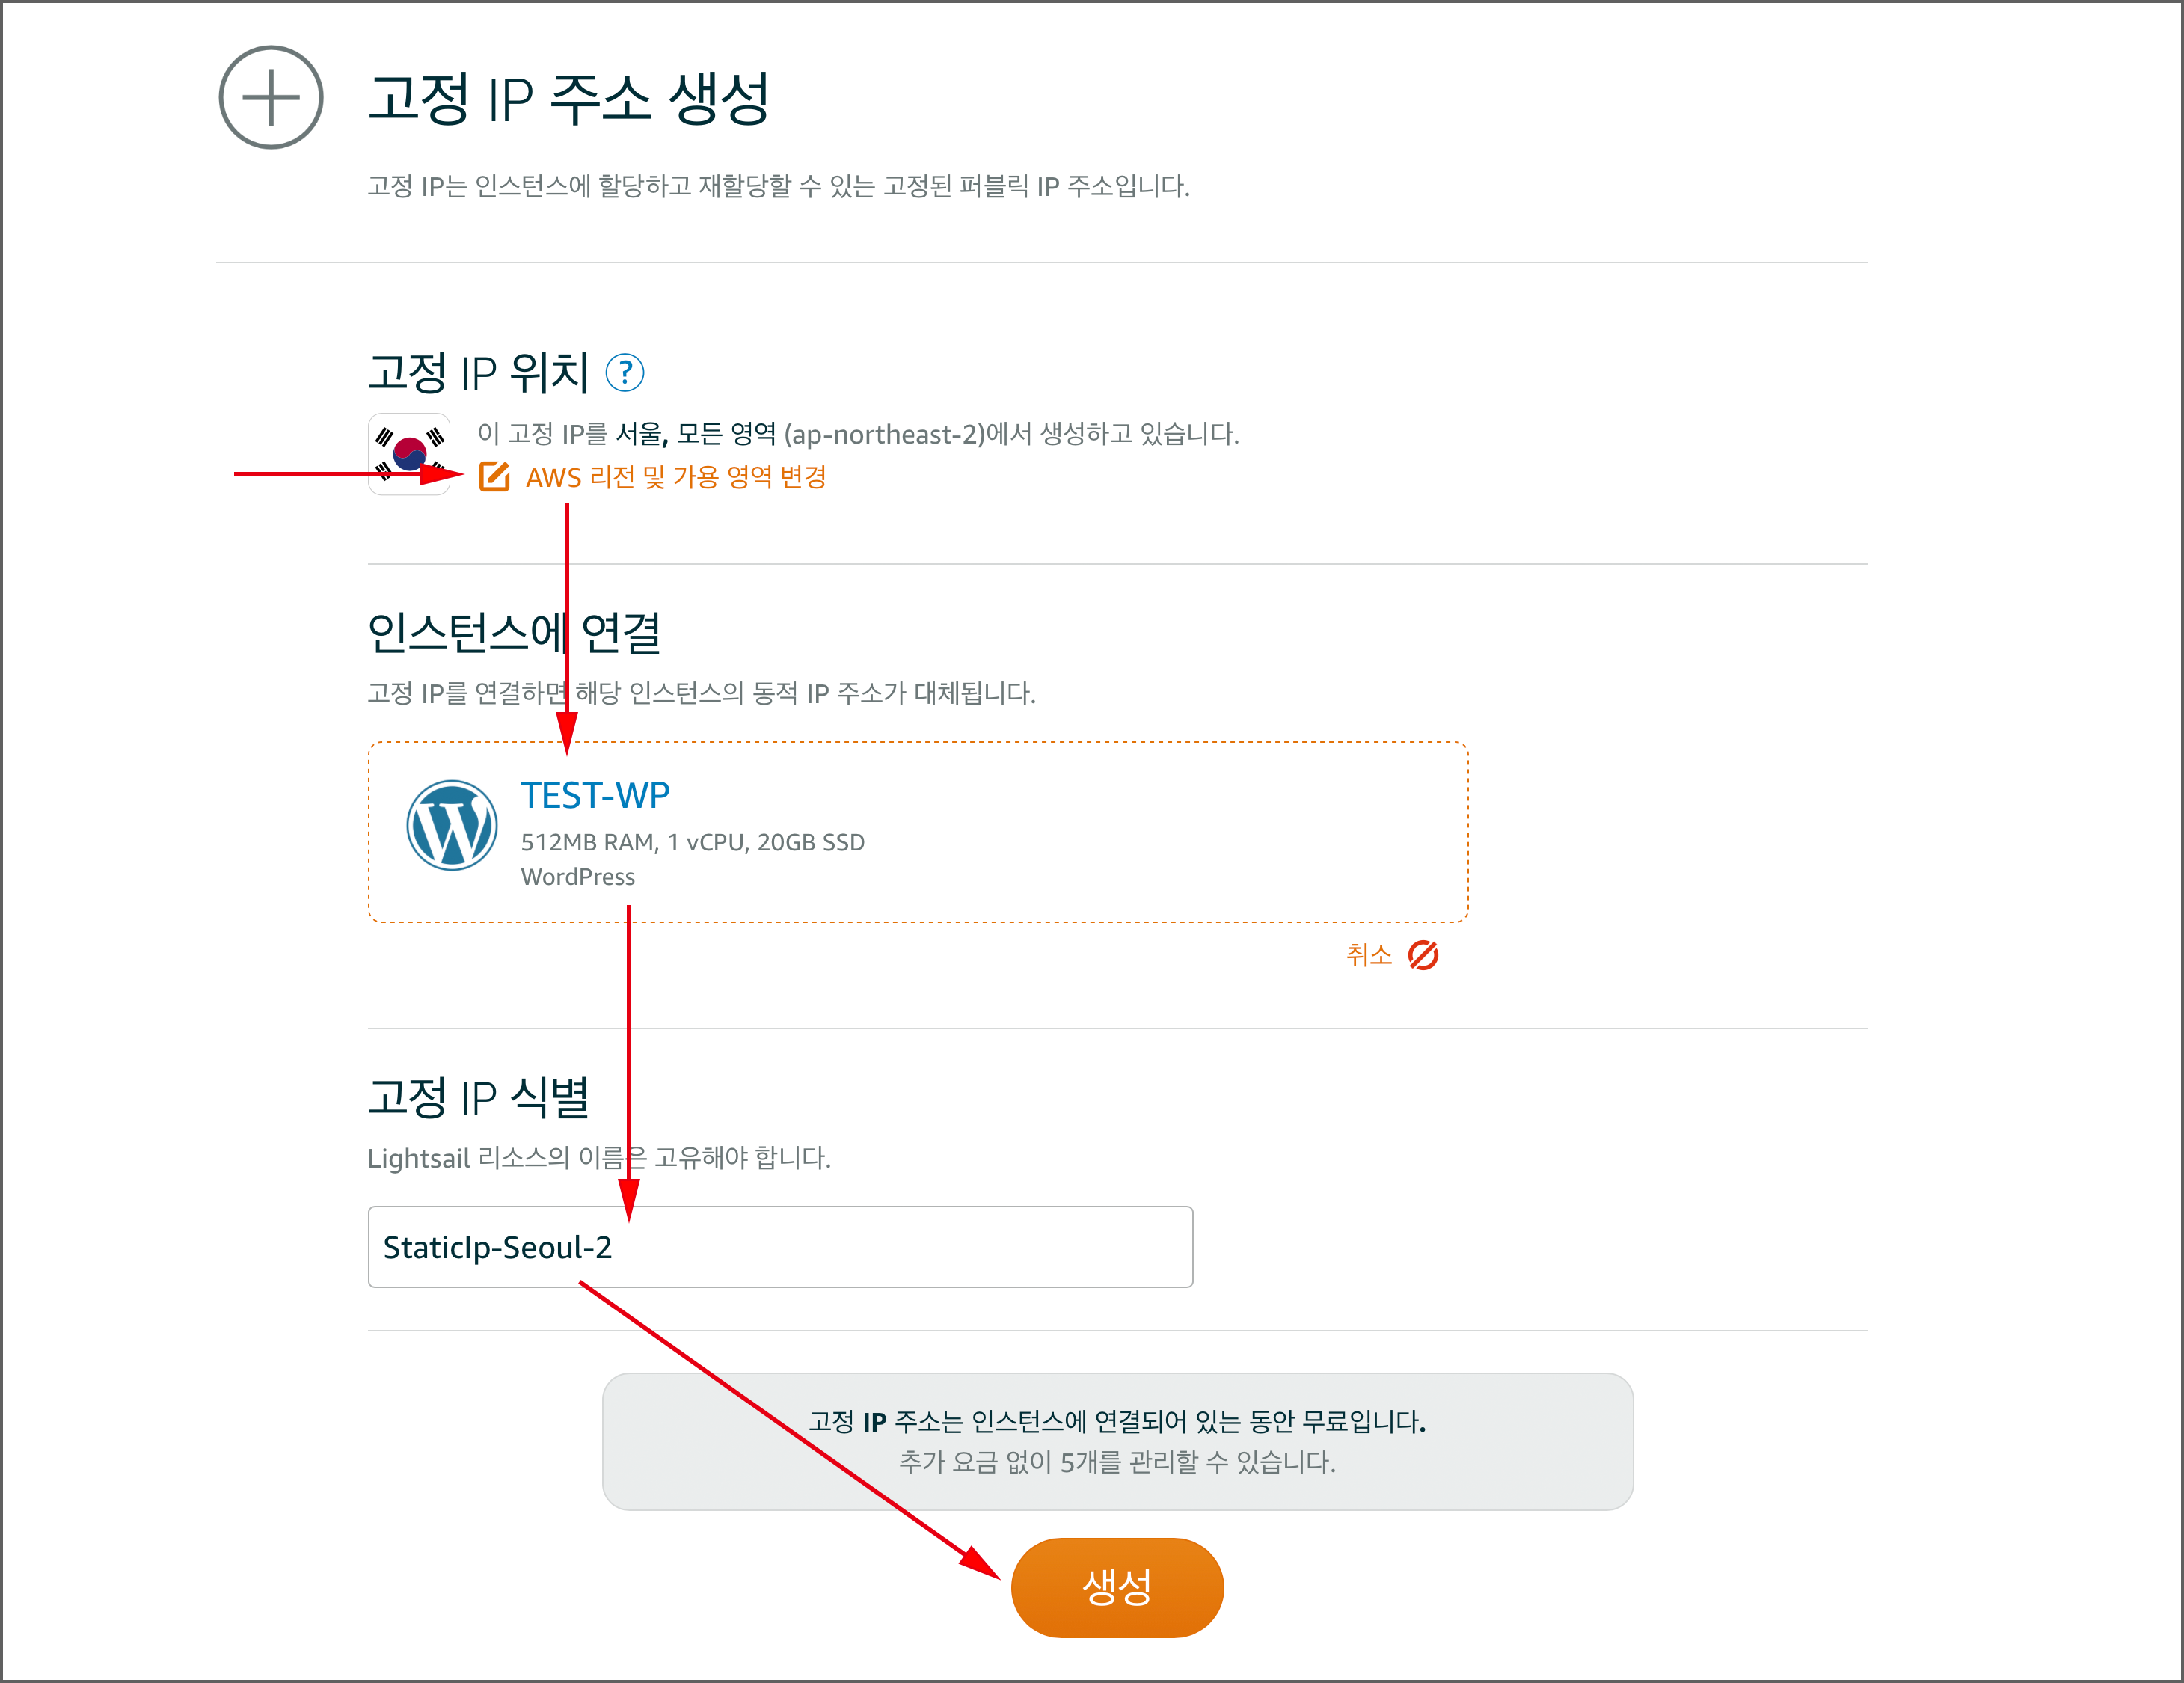 고정 IP 위치(리전) > 연결할 인스턴스 선택 > 고정IP식별 이름 > 생성